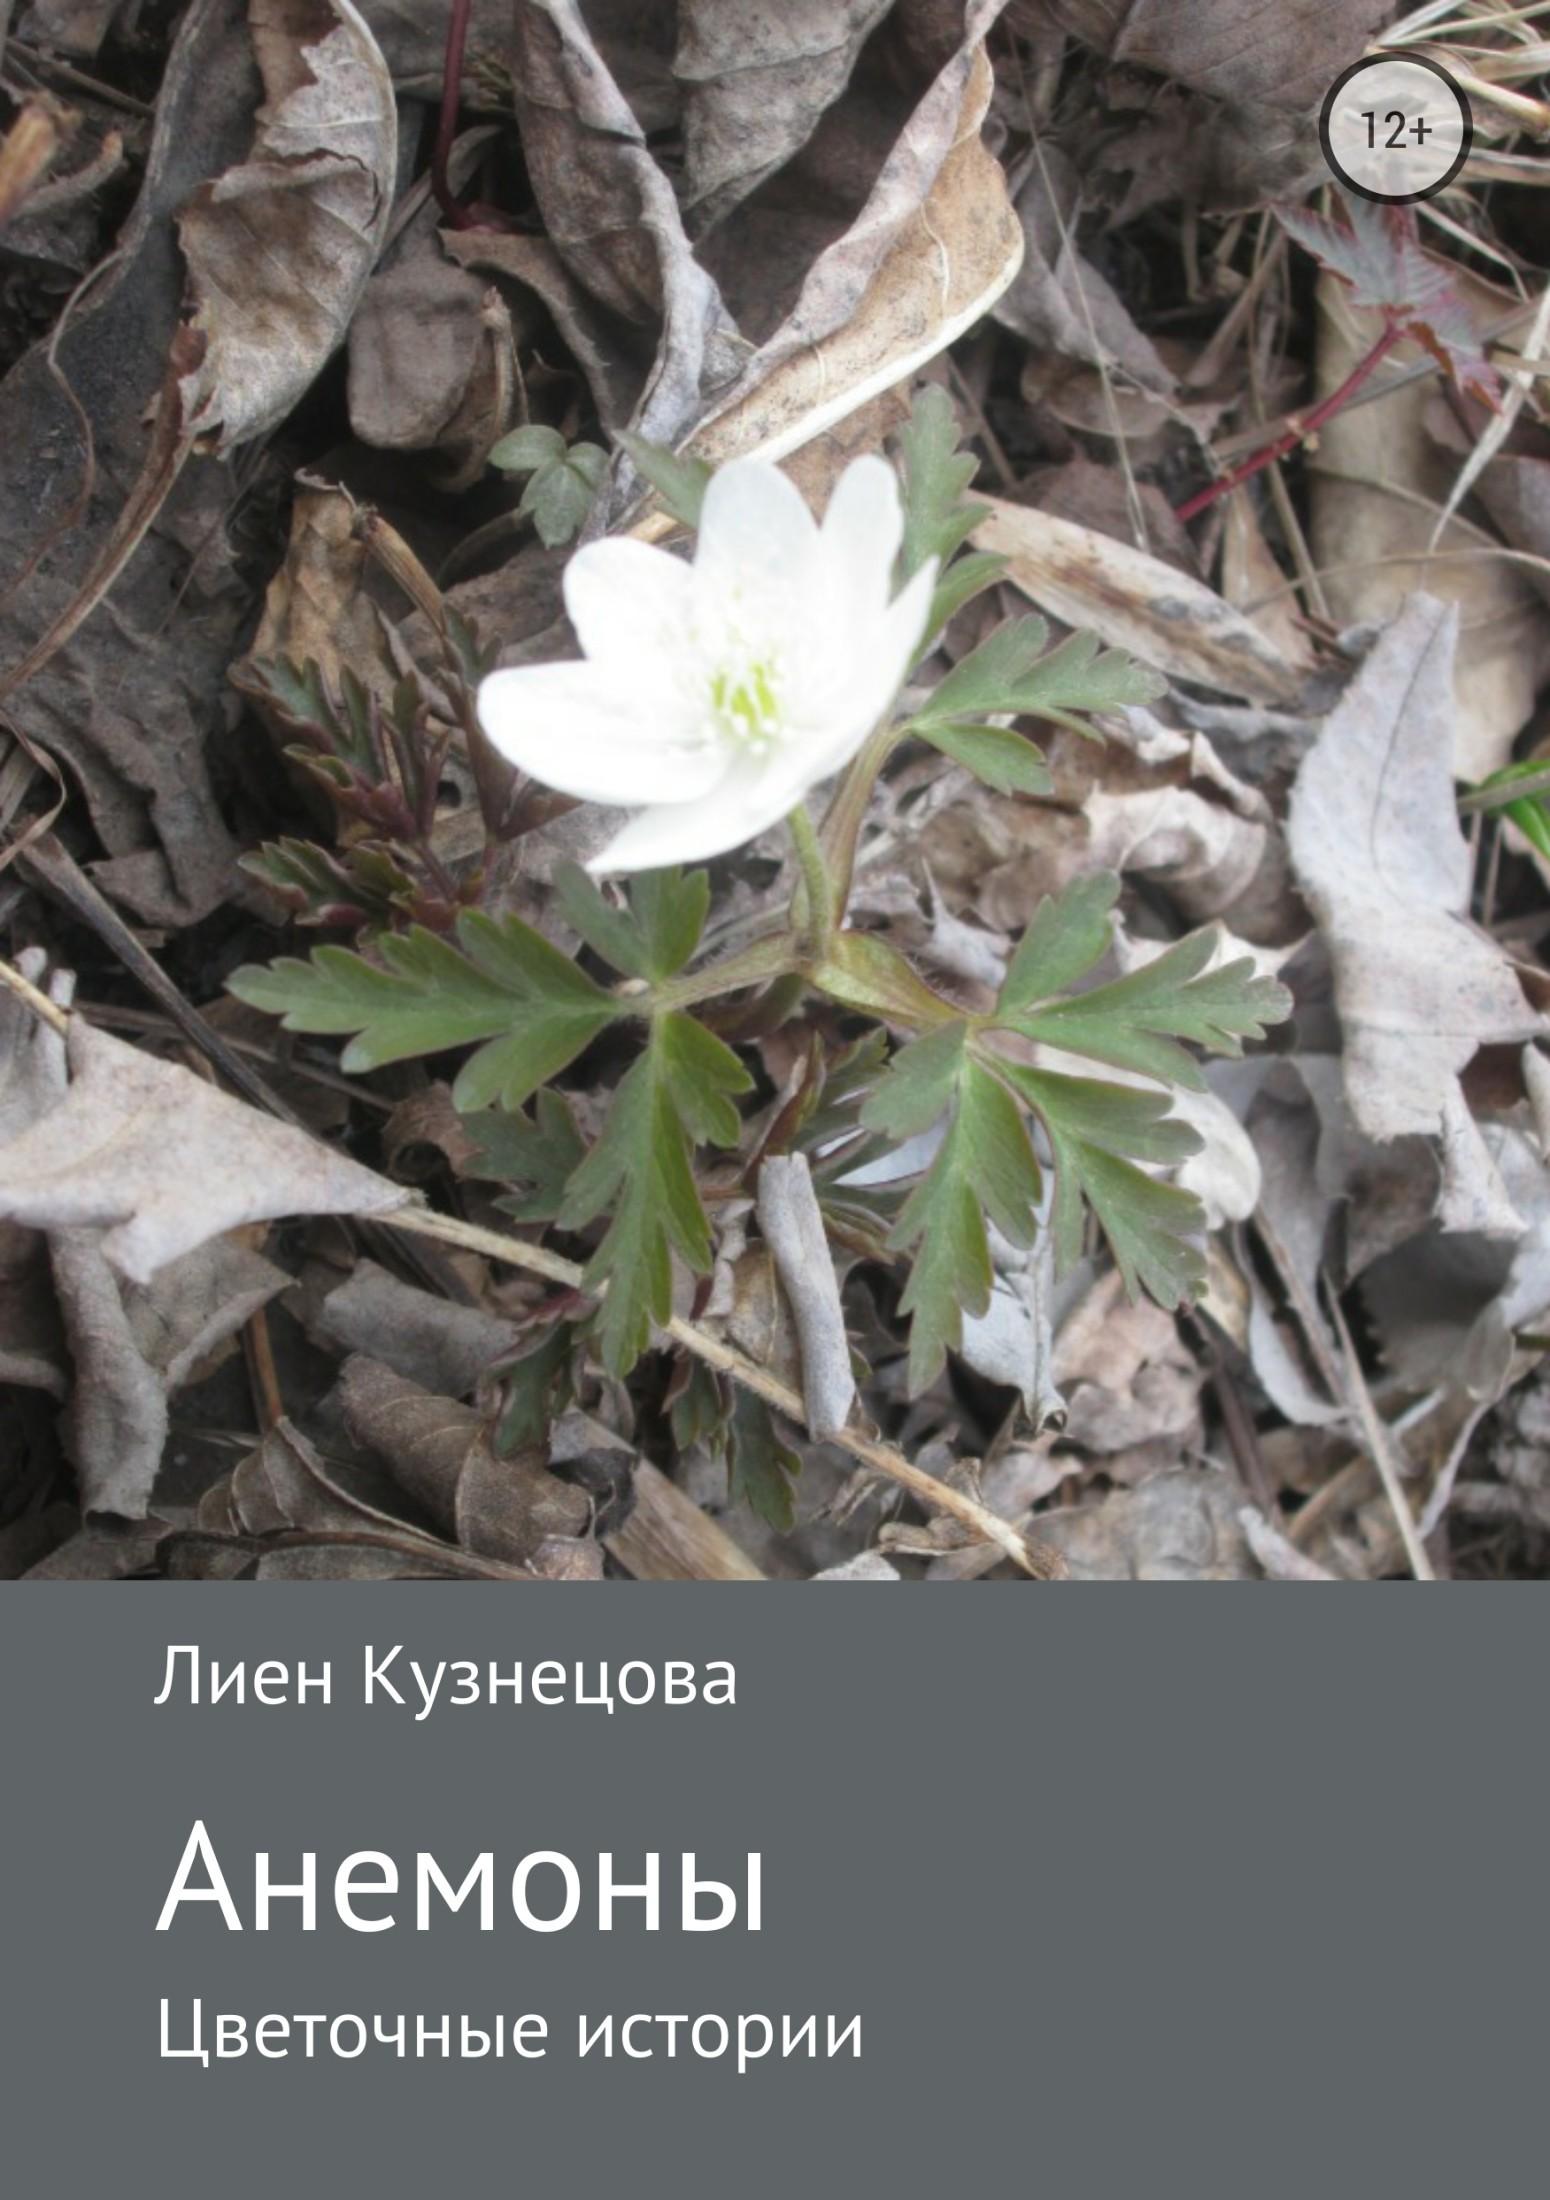 Лиен Кузнецова. Цветочные истории. Анемоны